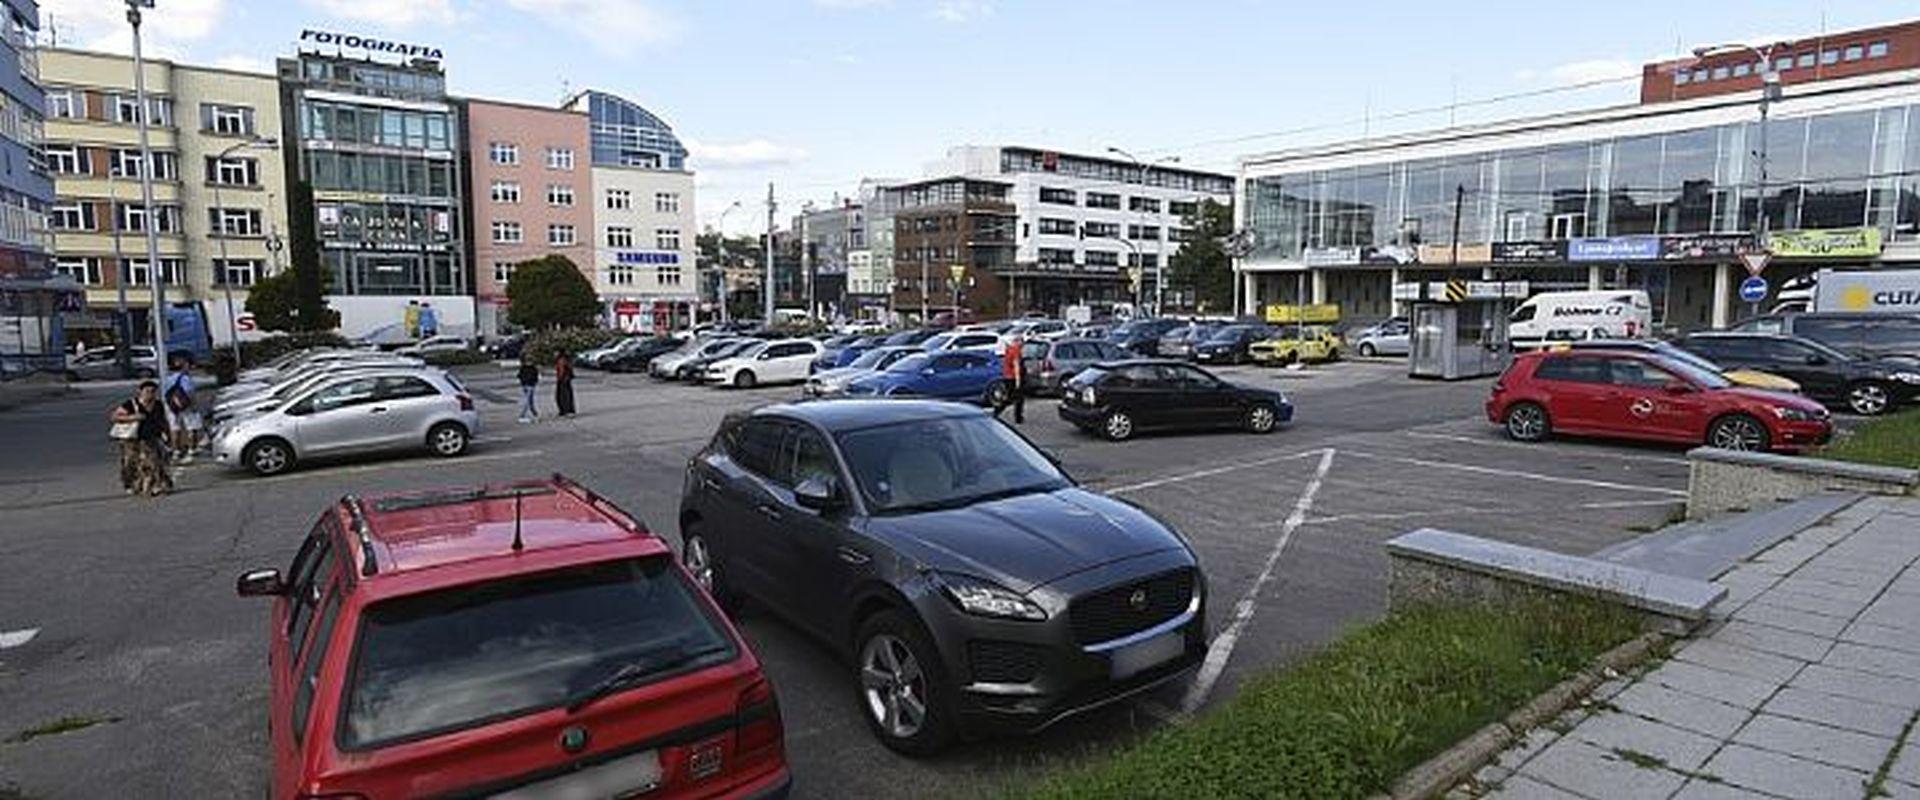 Parkování ve Zlíně. Foto: Zlin.eu